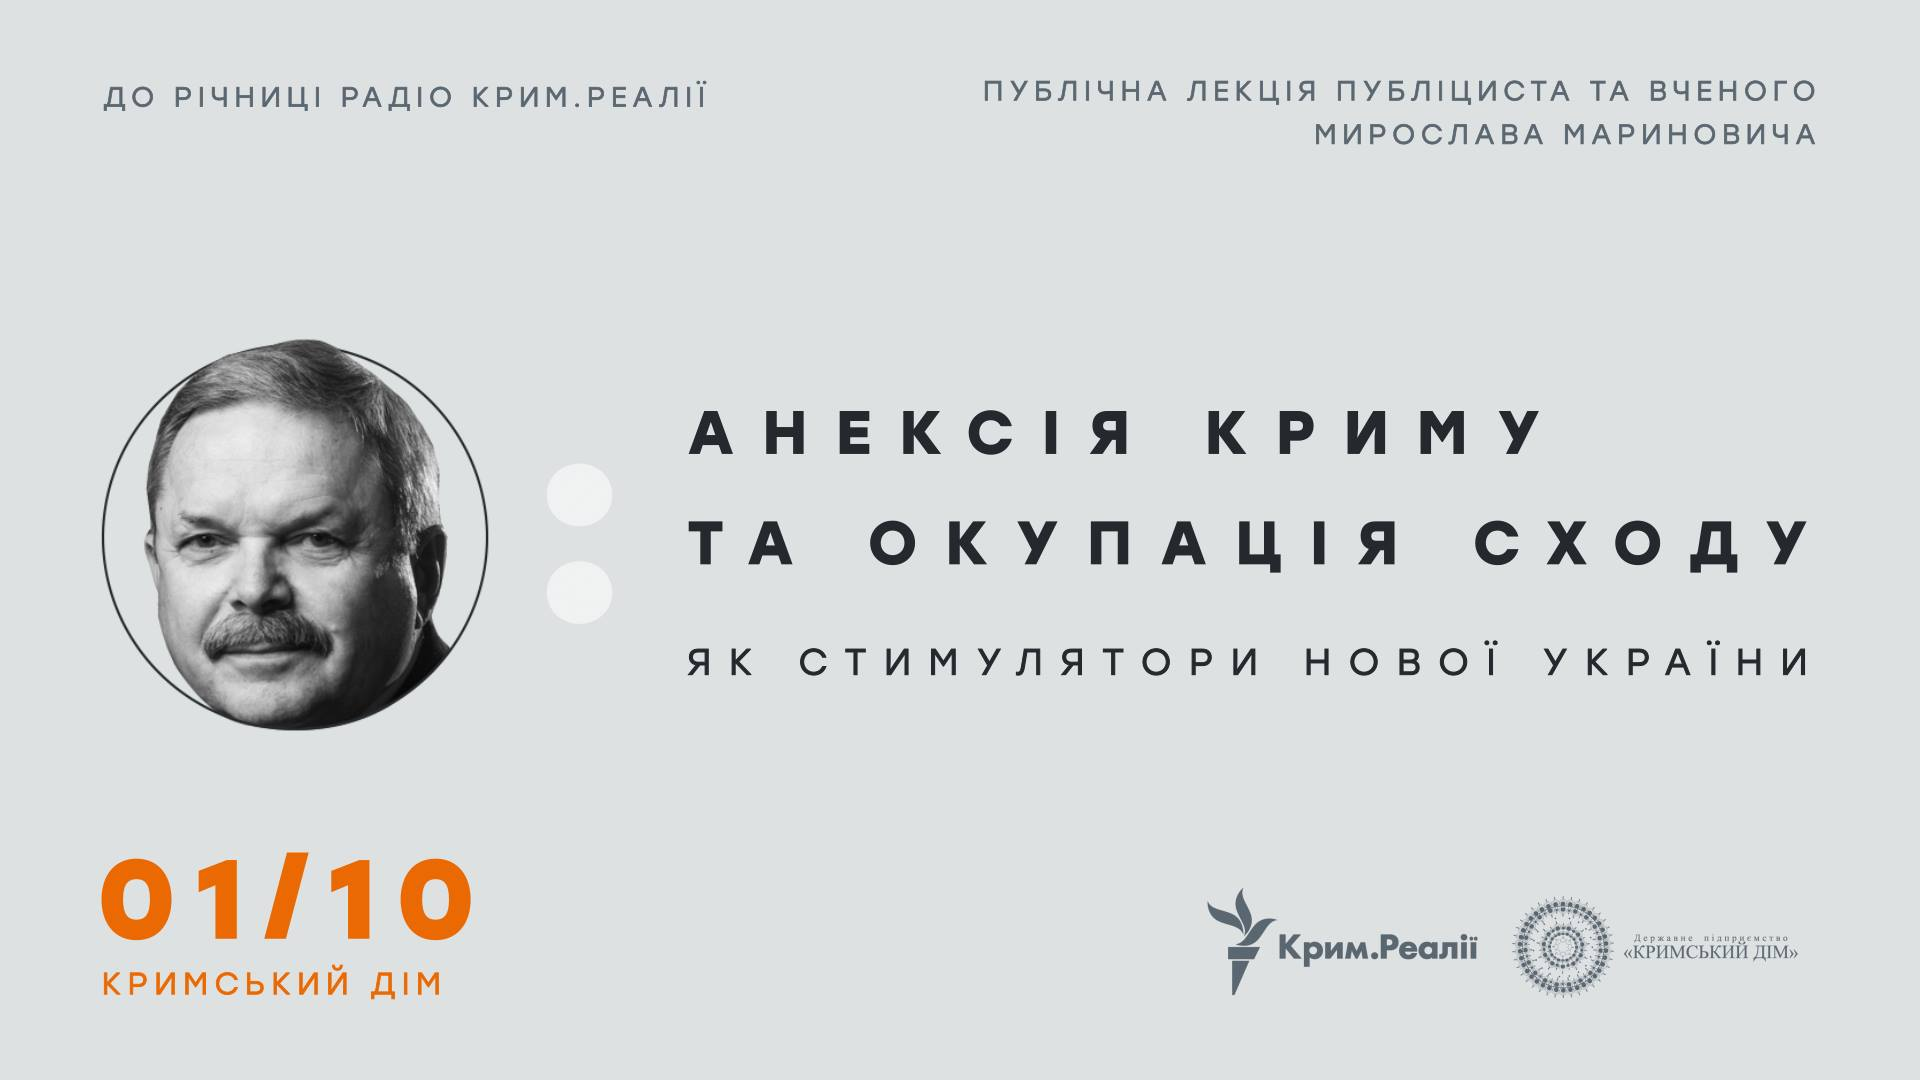 1 жовтня – лекція публіциста, вченого Мирослава Мариновича з нагоди 3-річчя «Радіо Крим.Реалії»